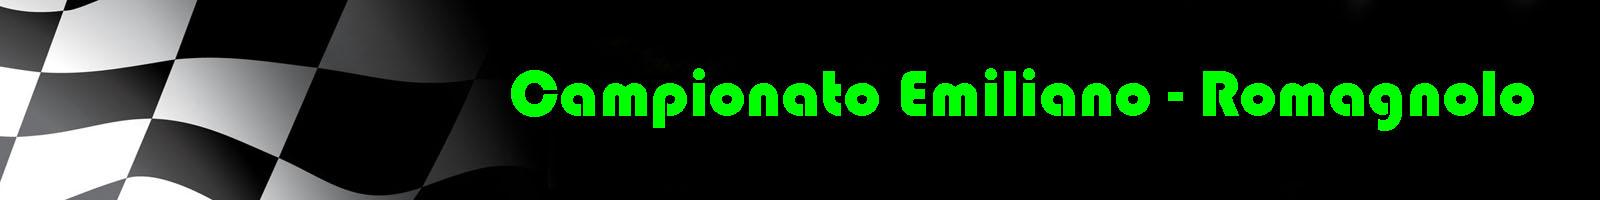 032 - Campionato Emiliano Romagnolo